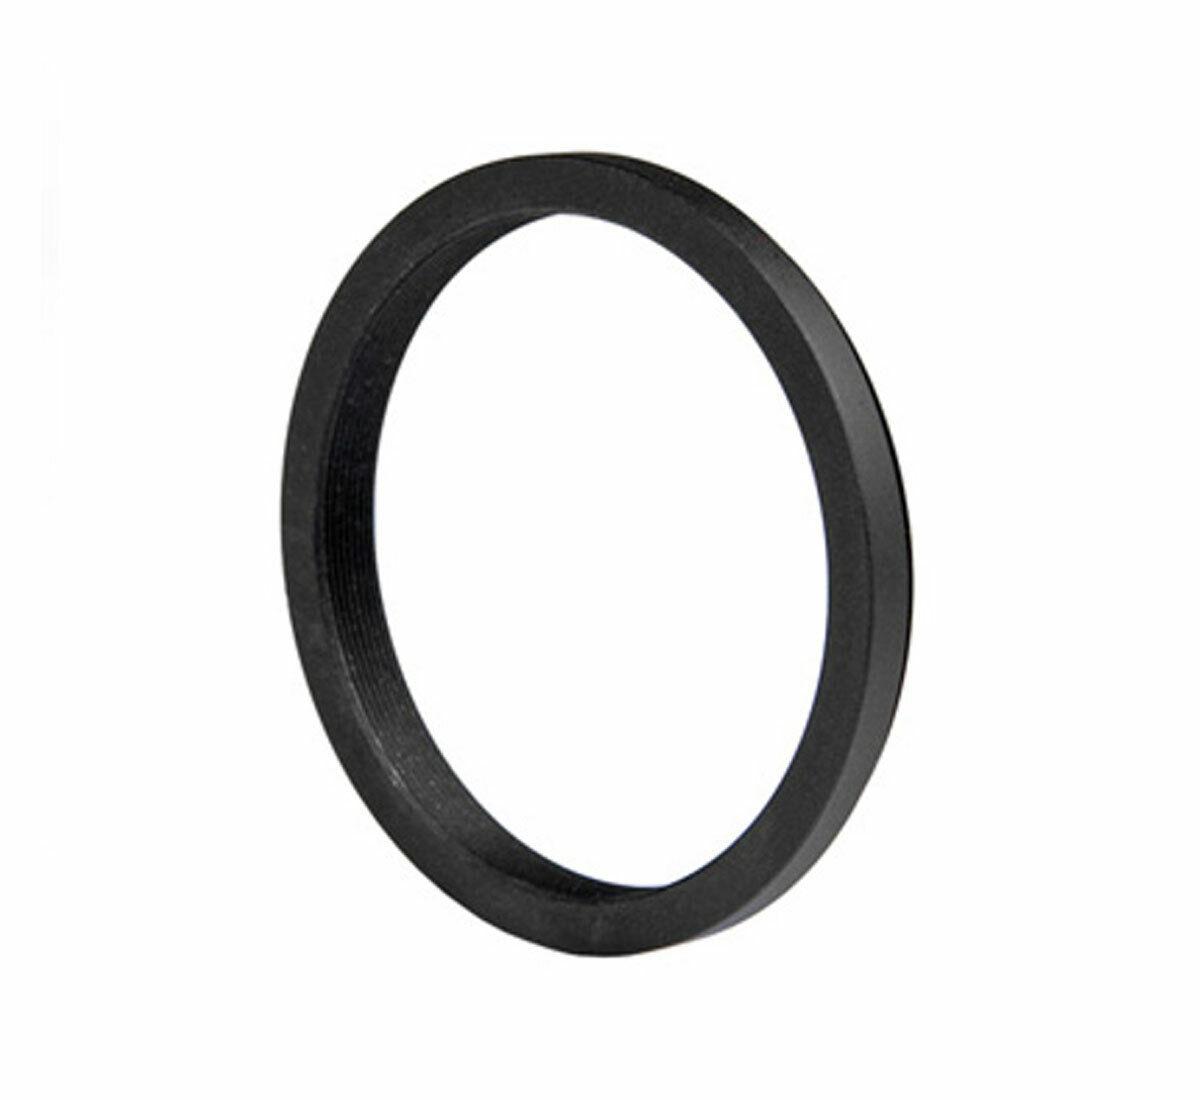 62 mm Filter Adapter Step Up Ring Filteradapter  Z-0460 58 mm